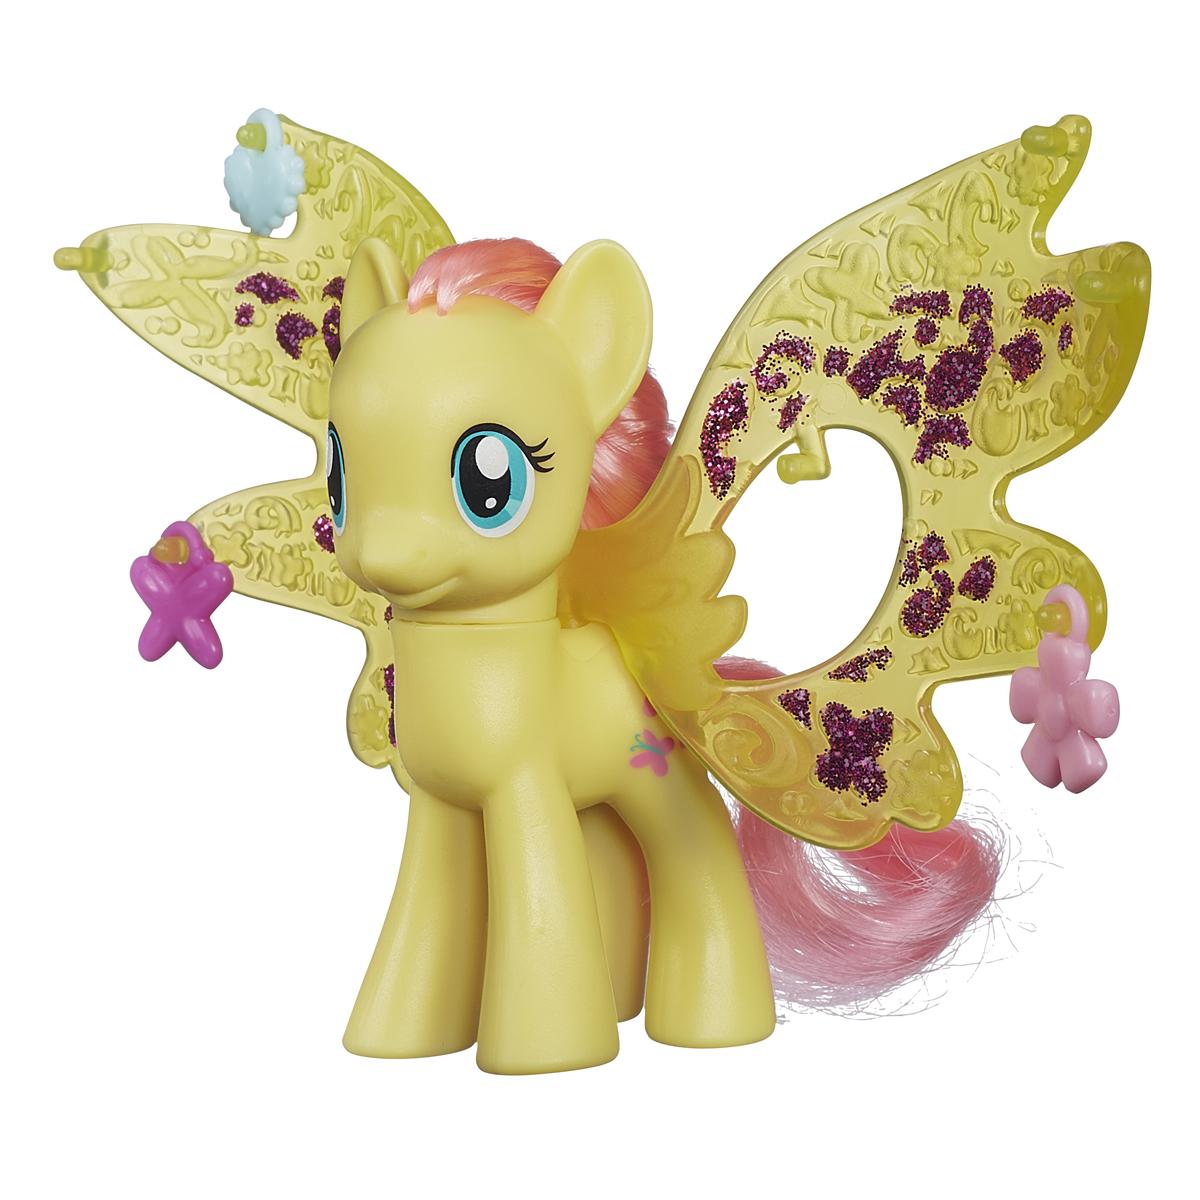 My Little Pony Фигурка пони Флаттершай с волшебными крыльямиB0358EU4_B0670Фигурка My Little Pony Флаттершай привлечет внимание вашей малышки! Она выполнена из прочного пластика в виде милой пони Флаттершай с яркой гривой и хвостом. Головка фигурки подвижна. В комплект с пони входят большие пластиковые крылья и три аксессуара, которыми их можно украсить. Вашей принцессе понравится играть с фигуркой и воссоздавать сцены из любимого мультсериала. Порадуйте ее таким замечательным подарком!